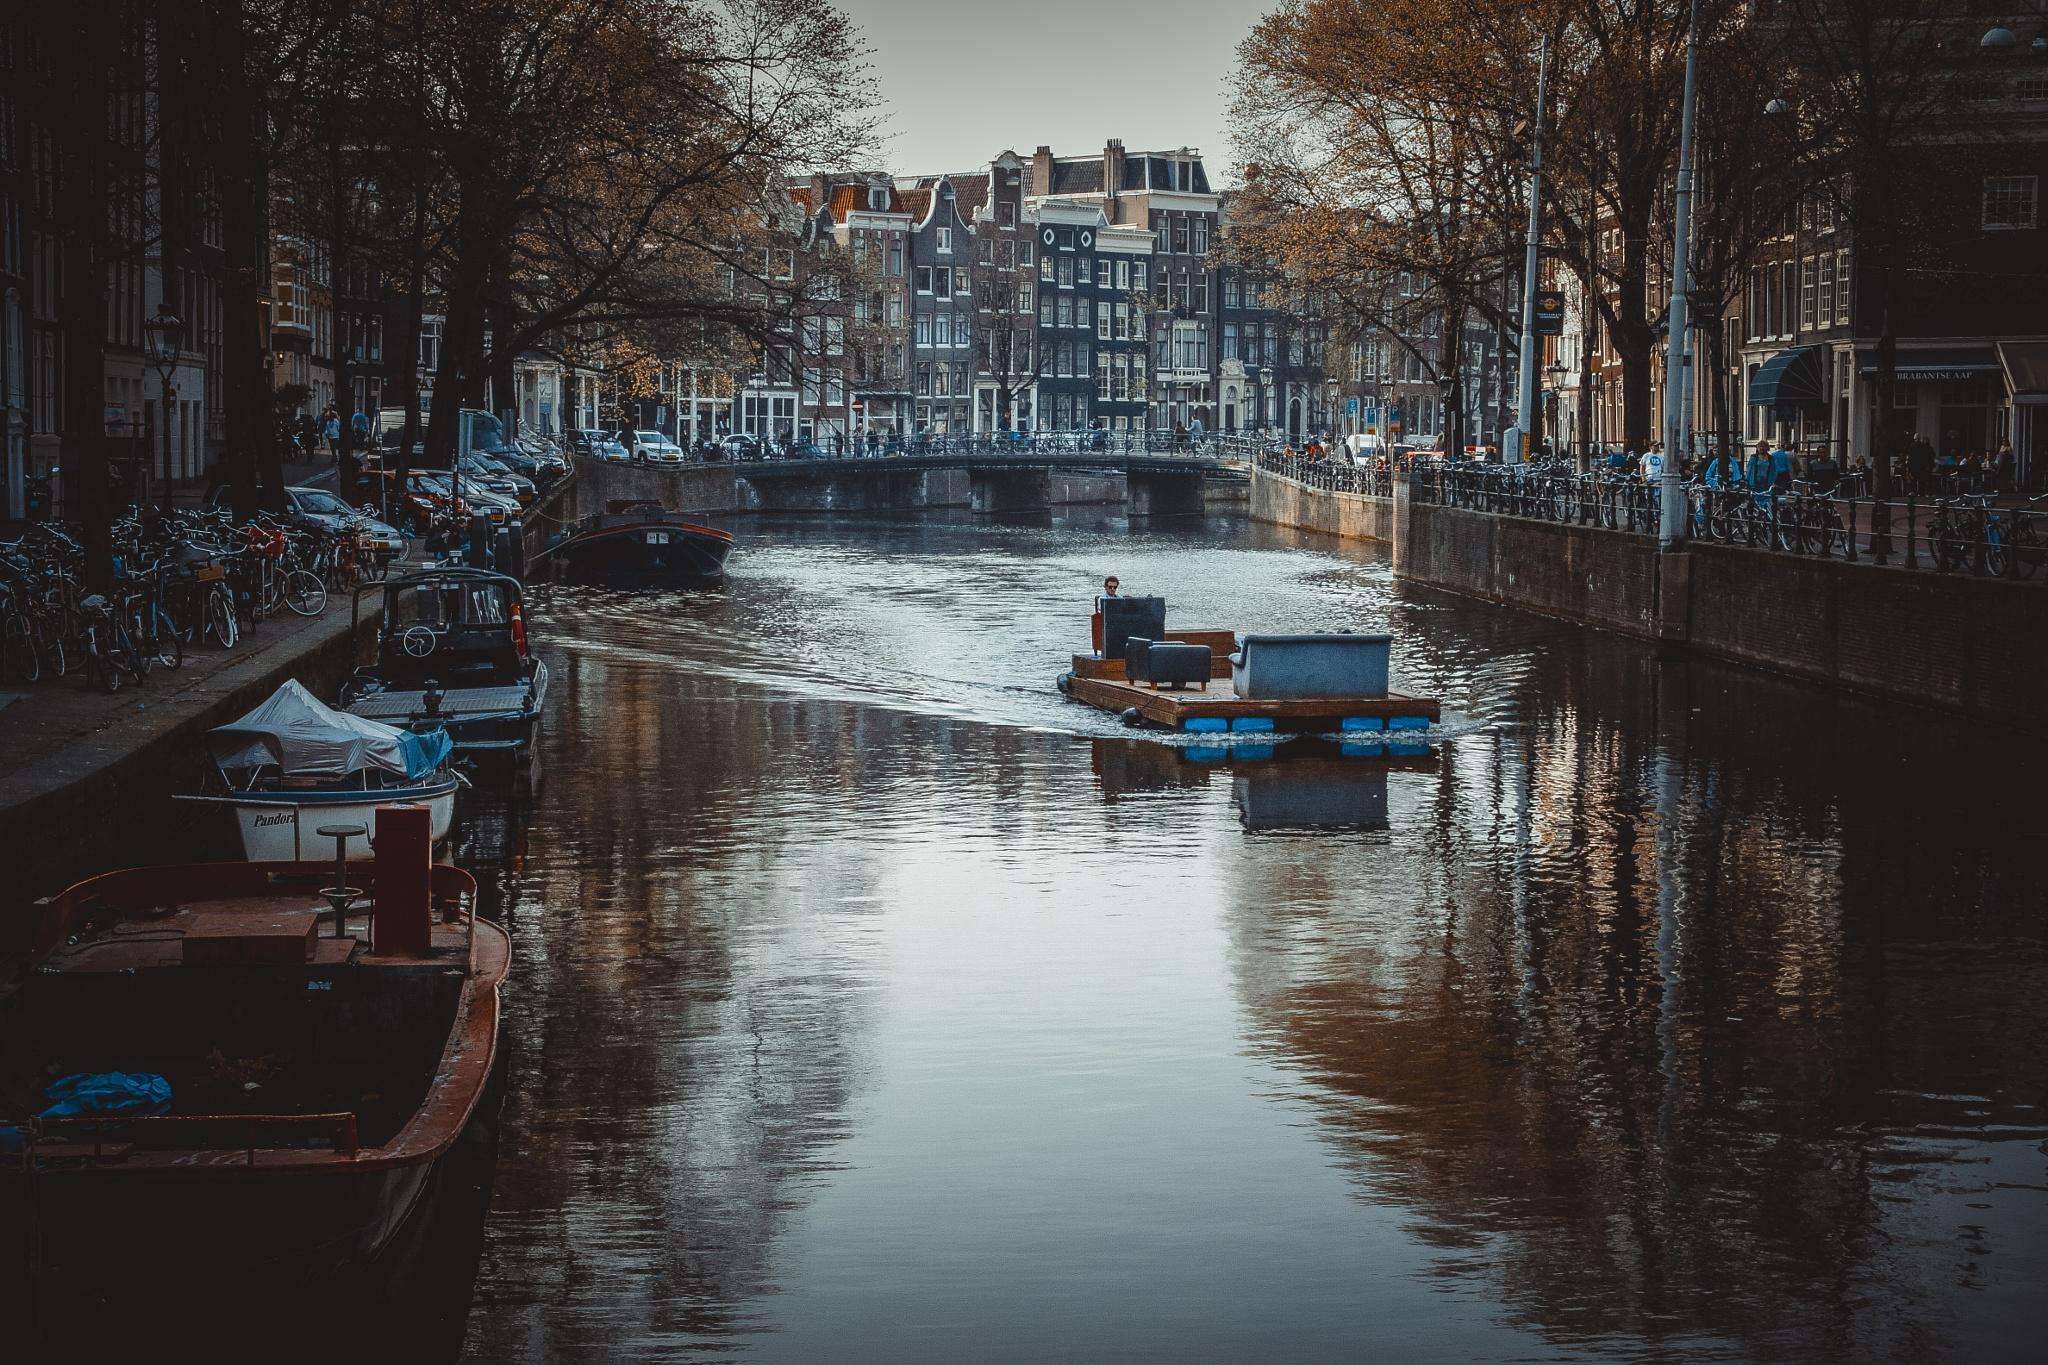 Amsterdam  by Marco Cavataio